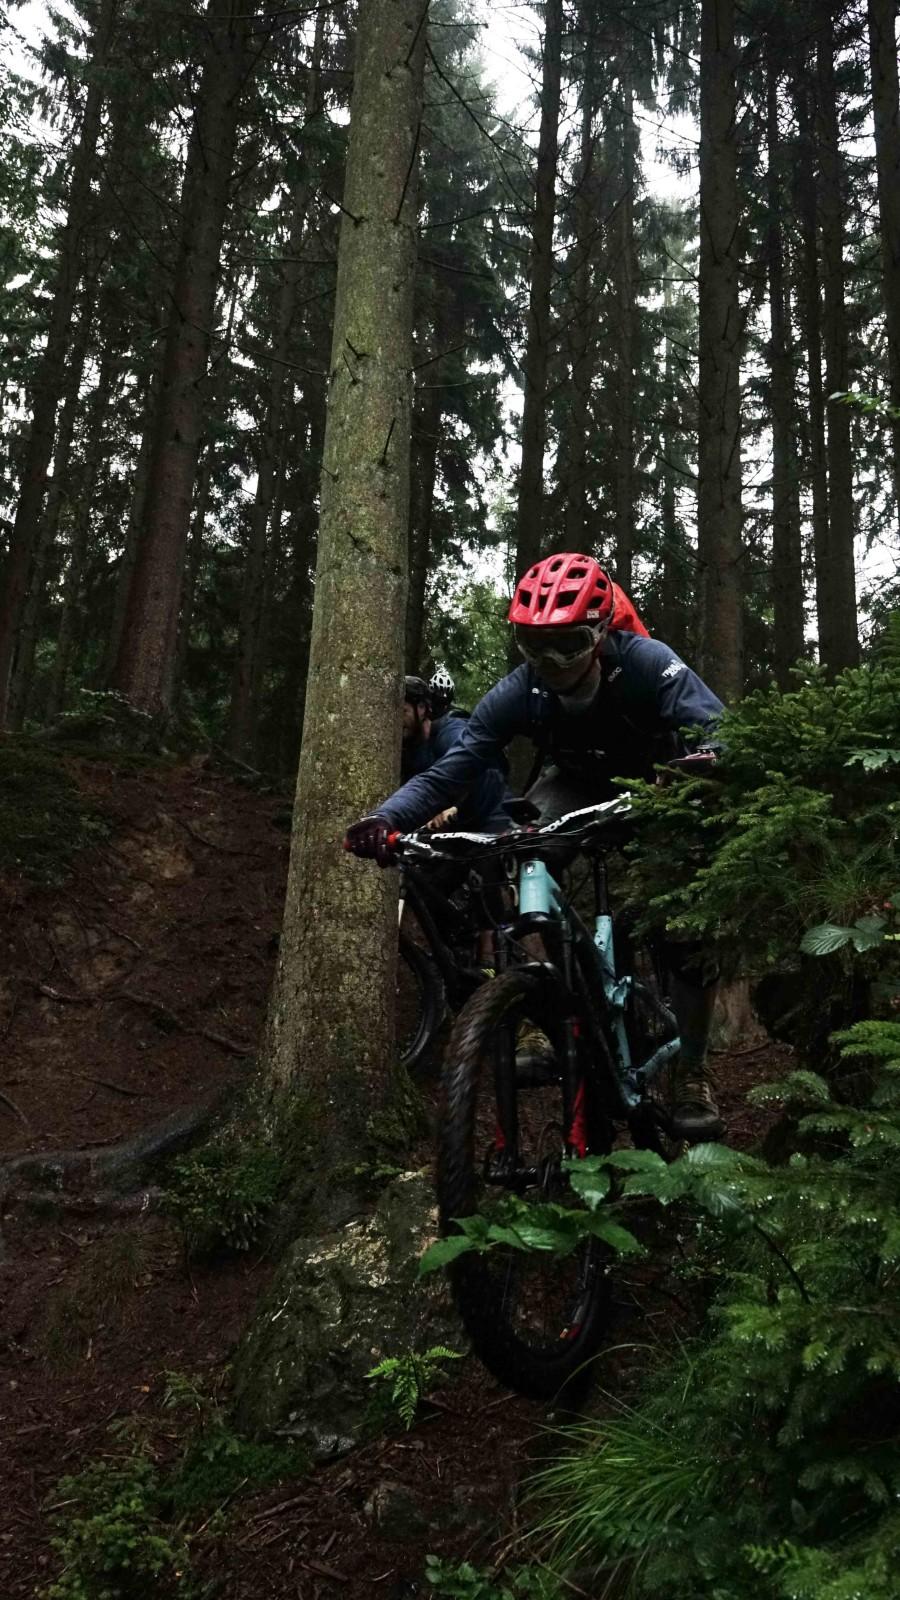 Bram rijdt over een trail in een donker bos bij Ninglinspo in België